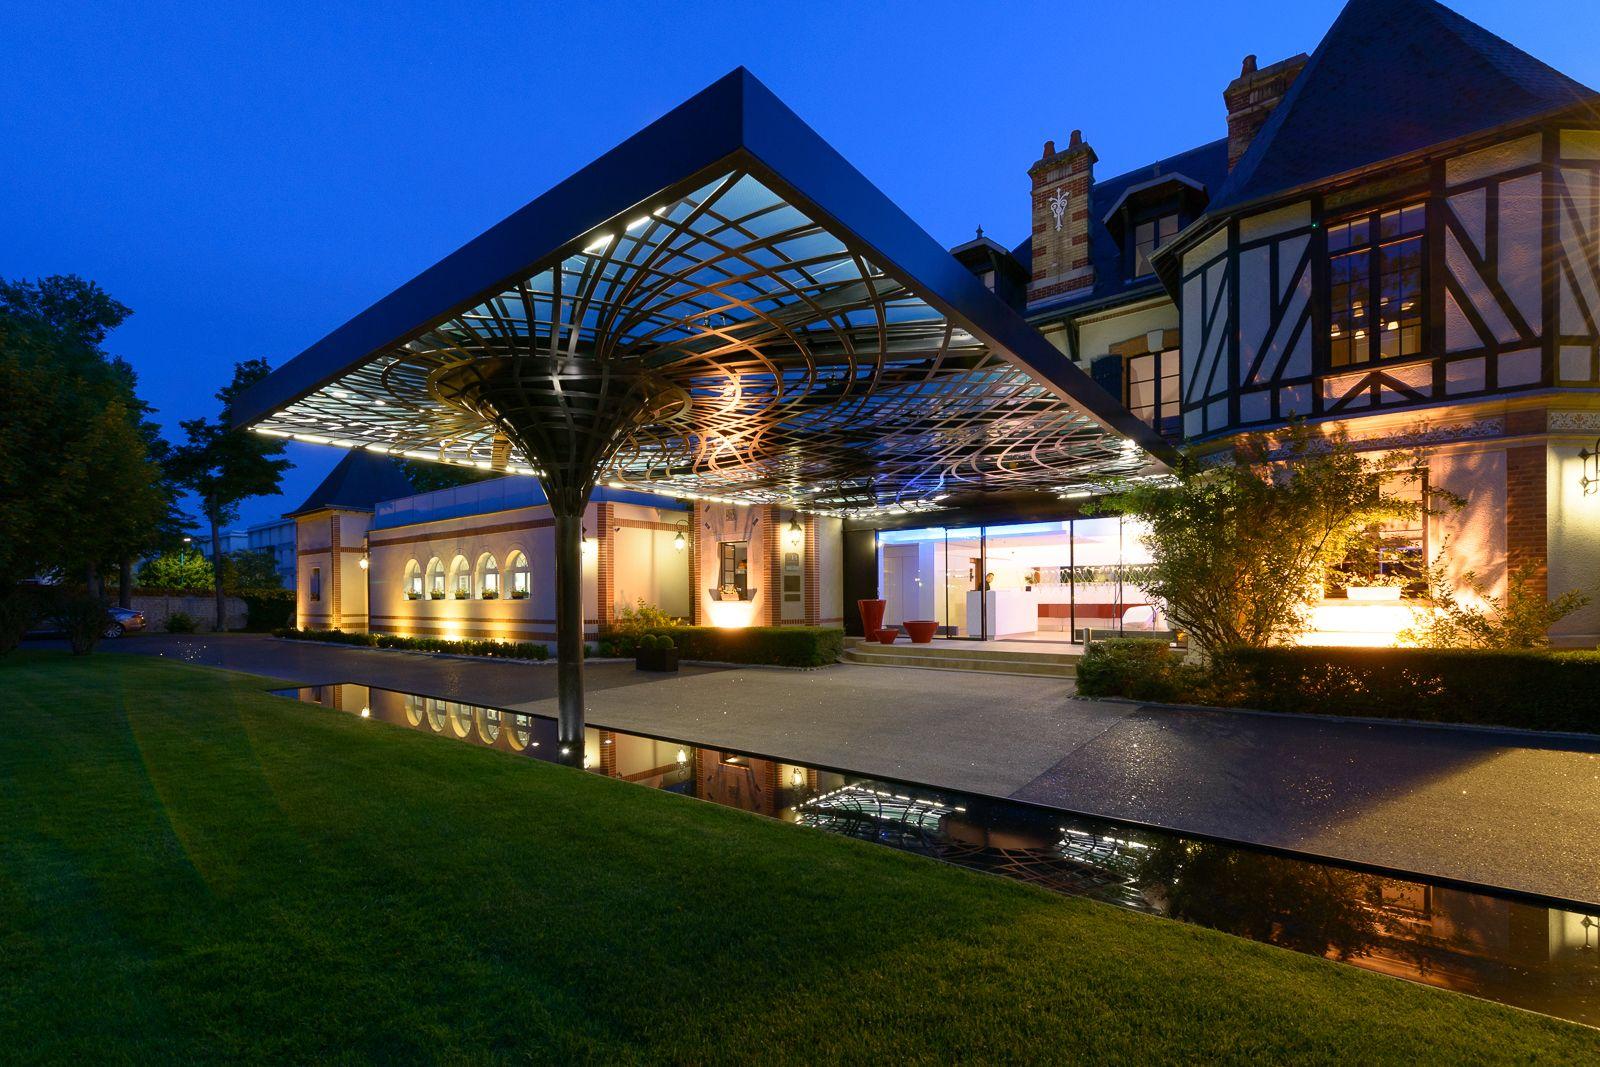 Auvent de l 39 assiette champenoise tinqueux marne giovanni pace architecte r f rences pace - Auvent maison moderne ...